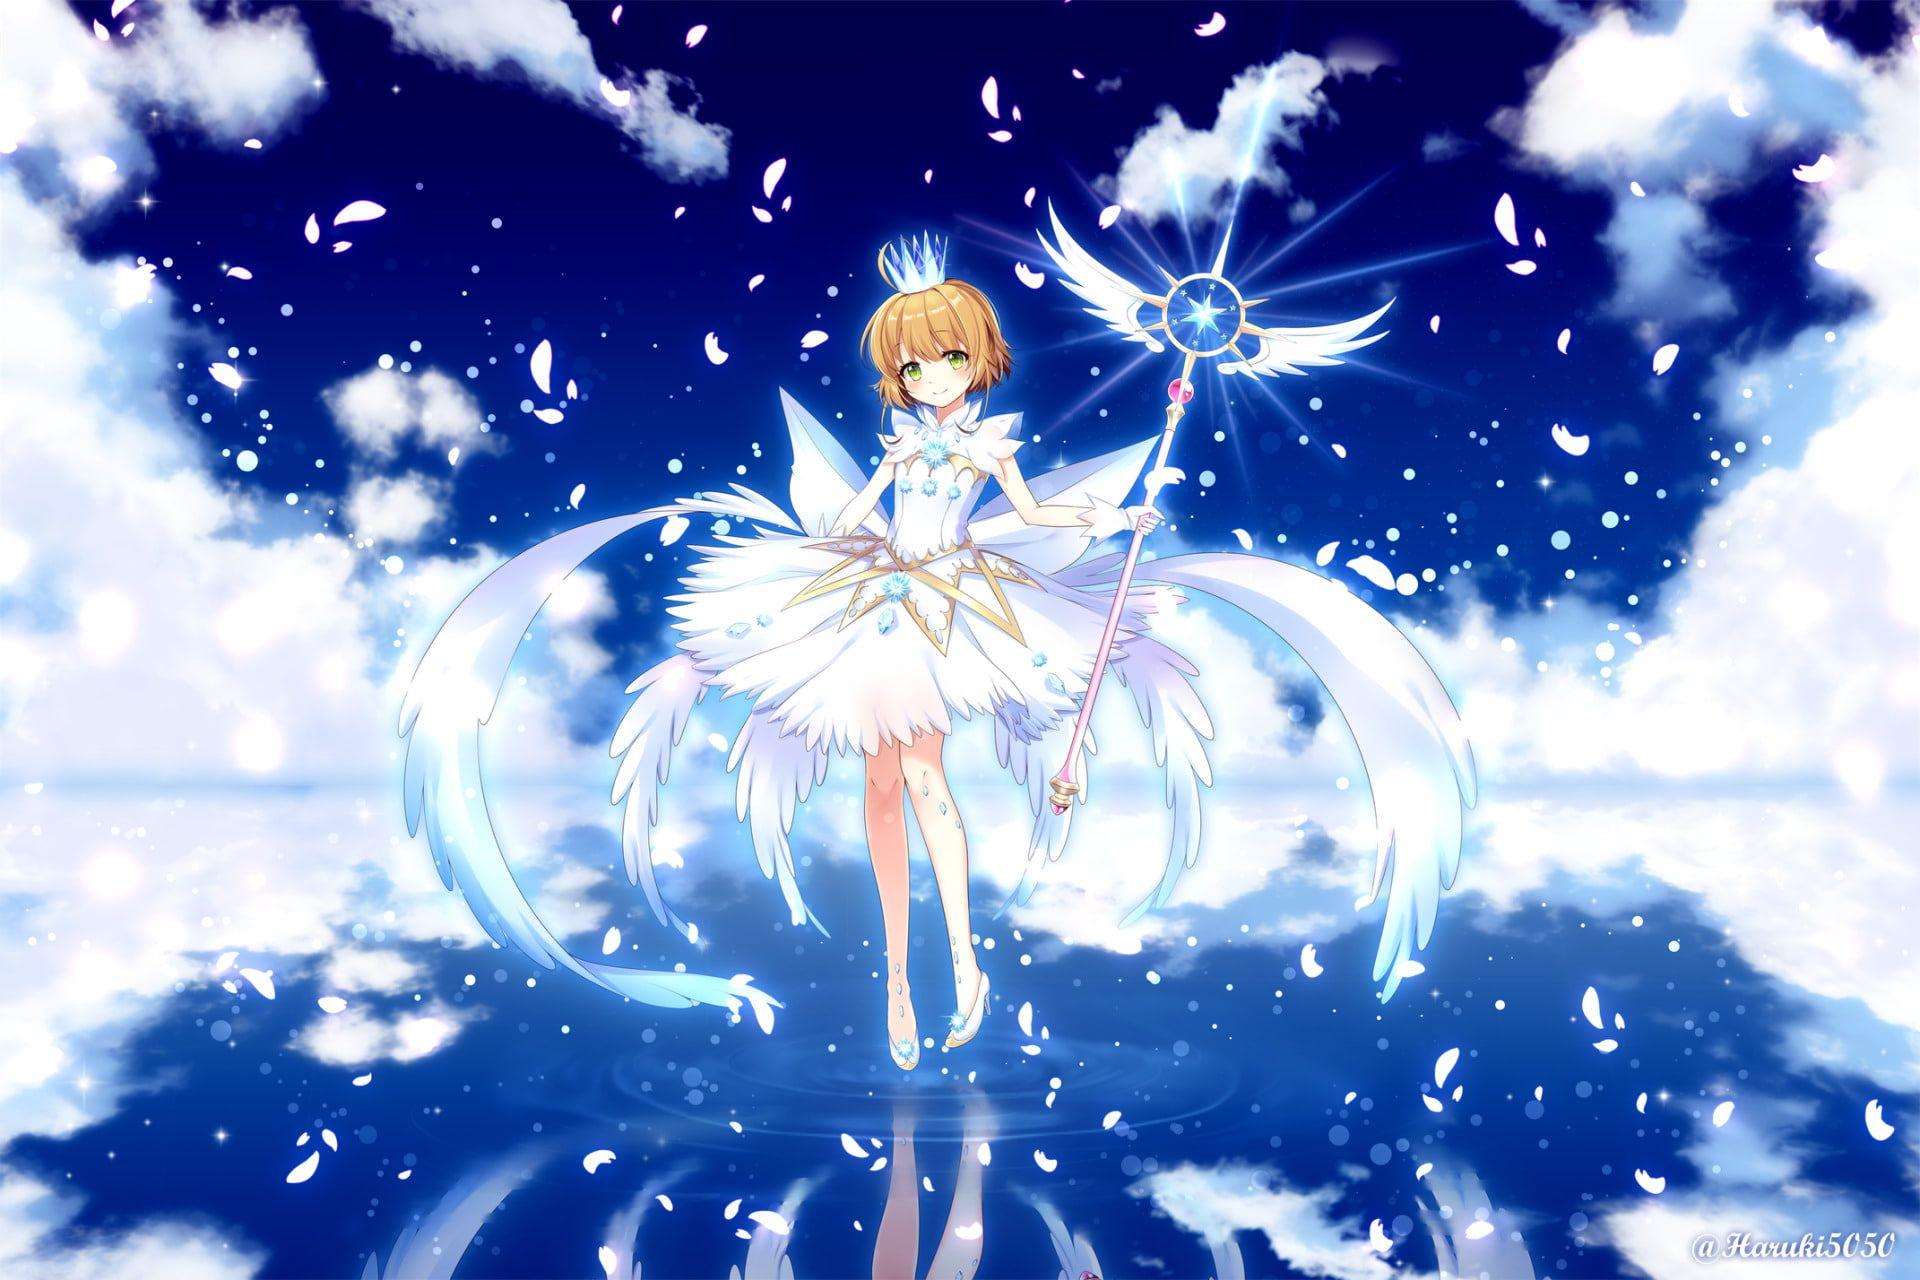 Anime Cardcaptor Sakura Sakura Kinomoto 1080p Wallpaper Hdwallpaper Desktop Cardcaptor Sakura Cardcaptor Sakura